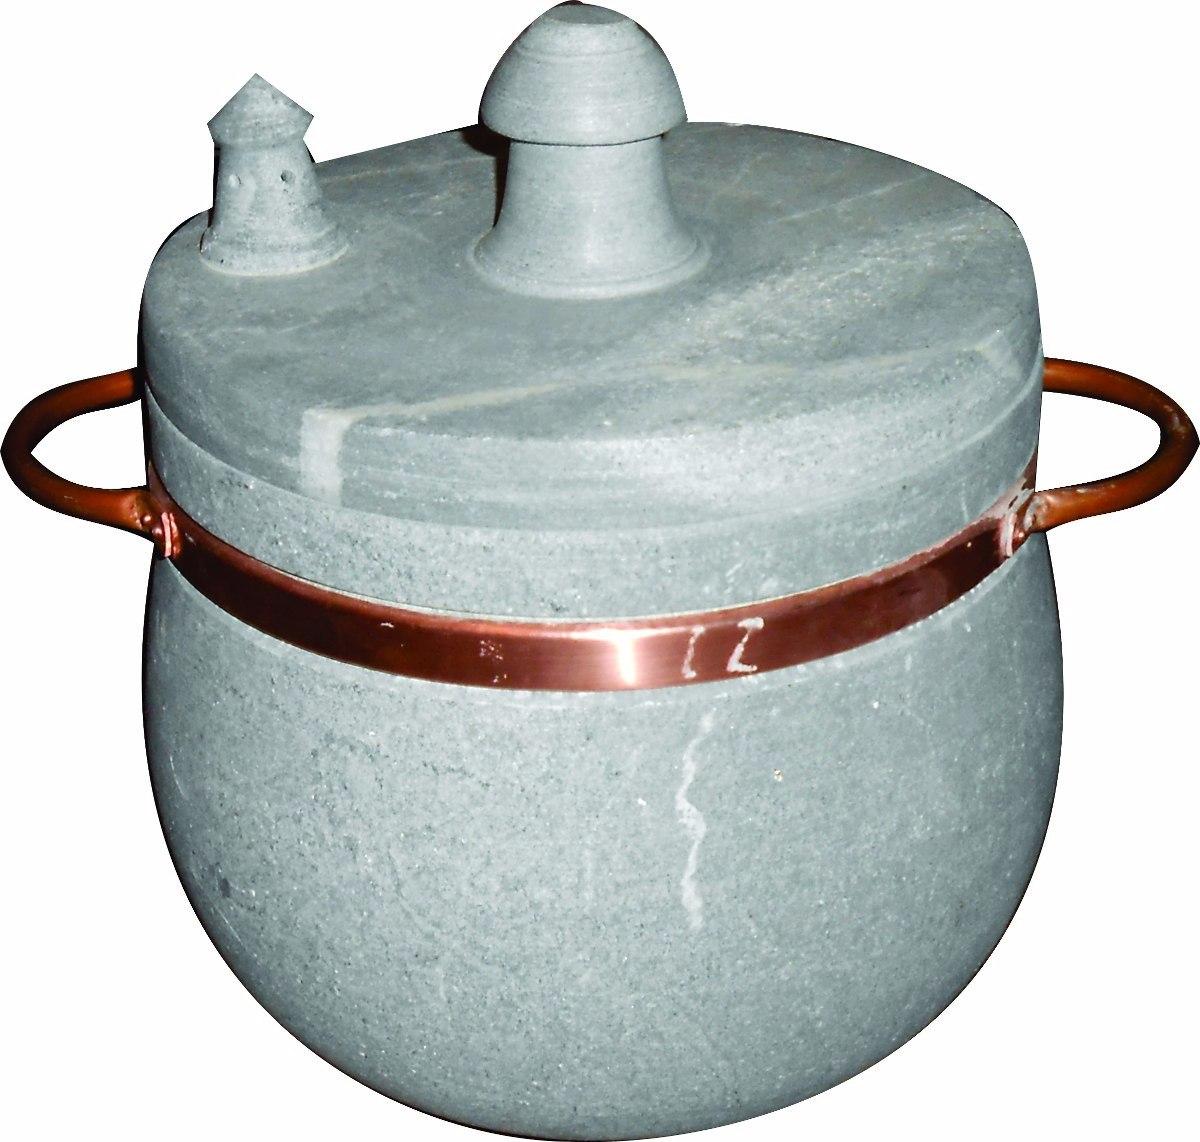 1ca4995bd Panela De Pressão Em Pedra Sabão E Alça De Cobre 6